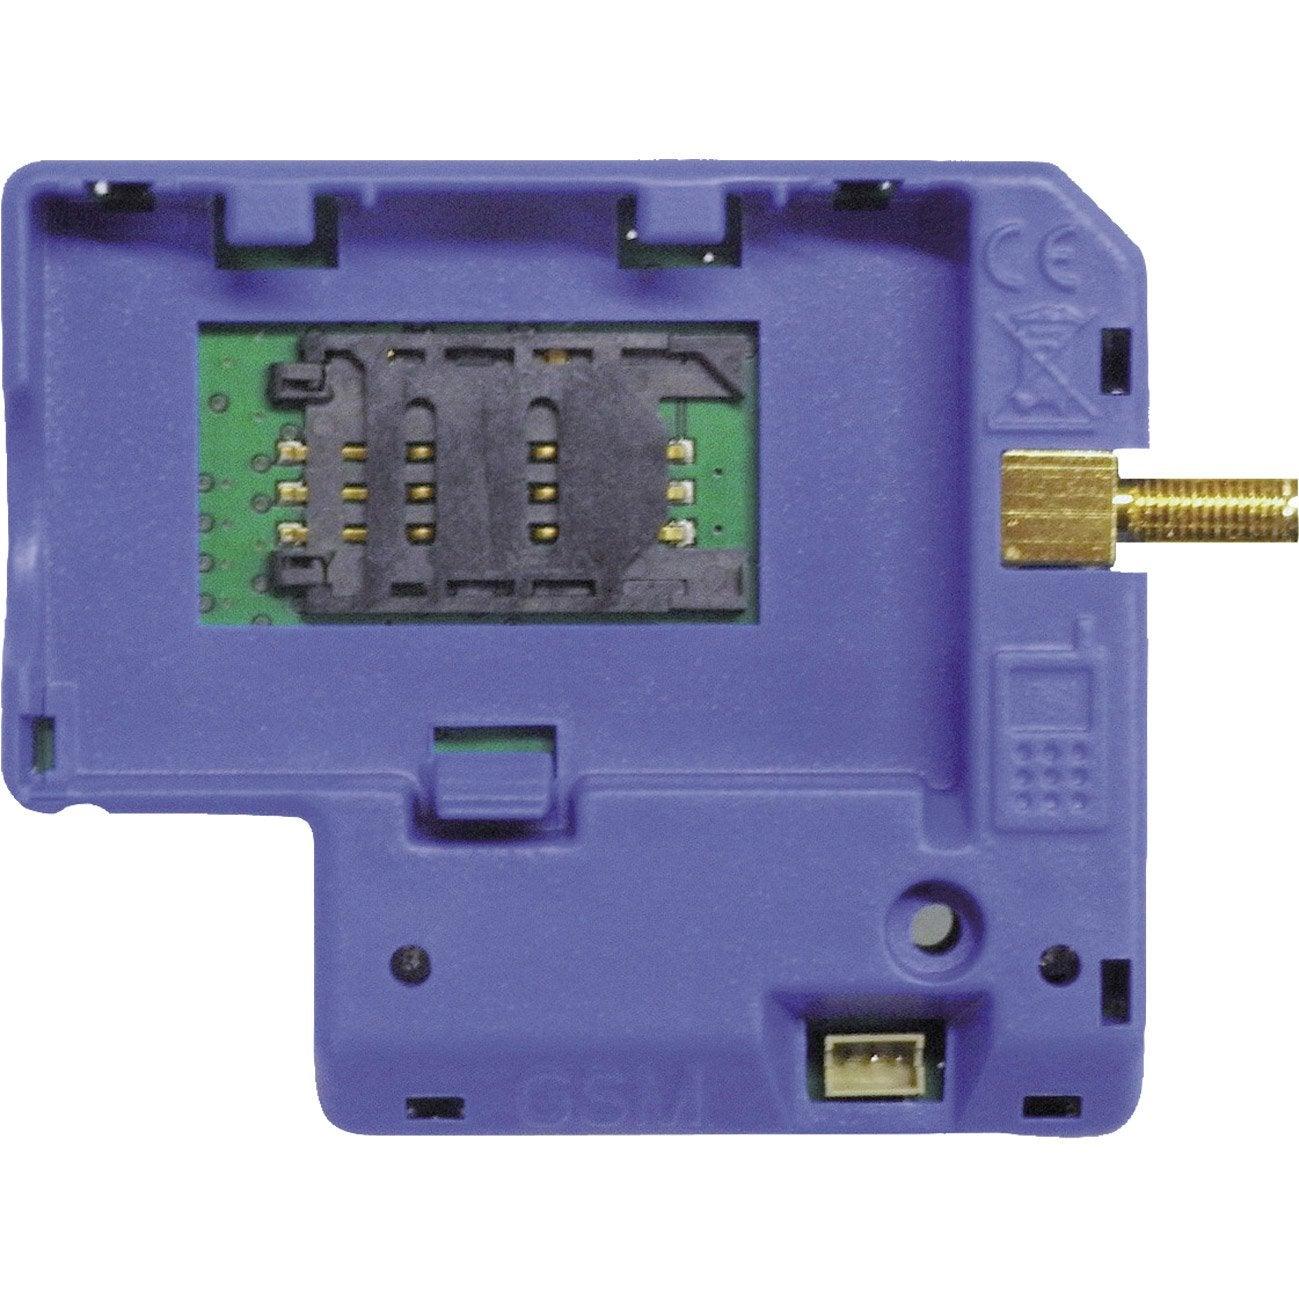 Module De Transmission Gsm Somfy 2401084 Leroy Merlin